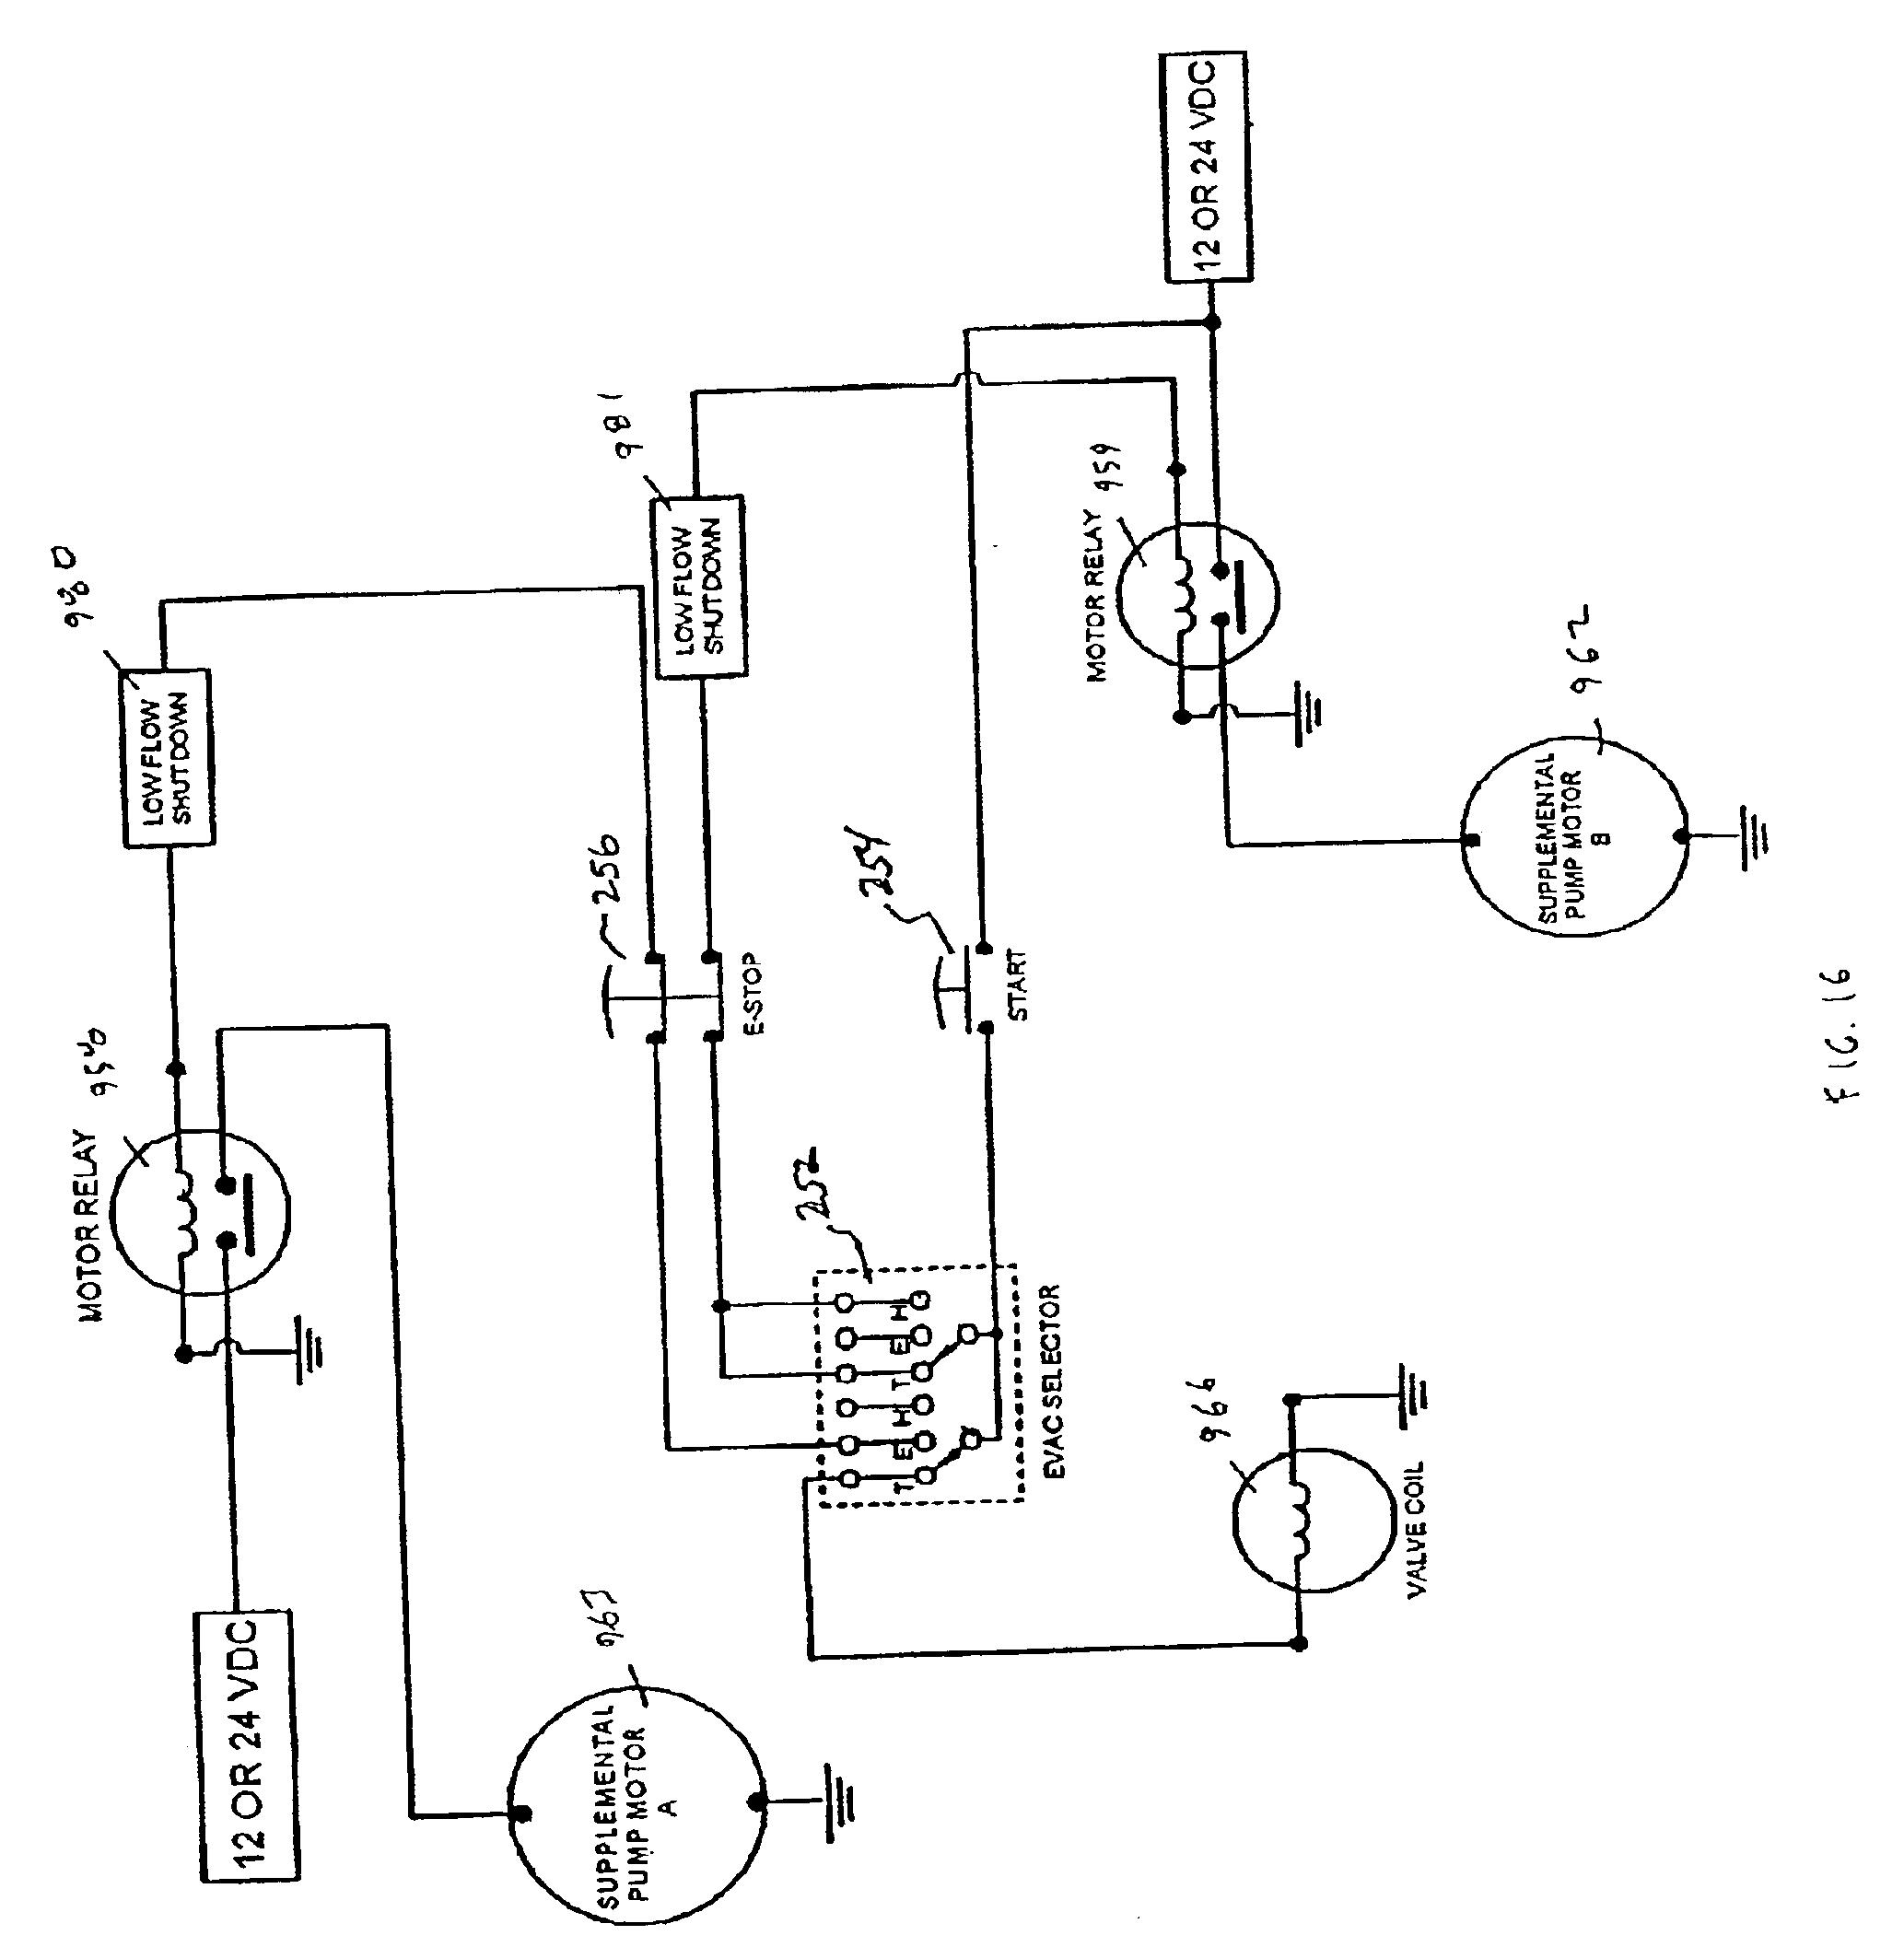 [DIAGRAM] International Farmall 560 Tractor Wiring Diagram